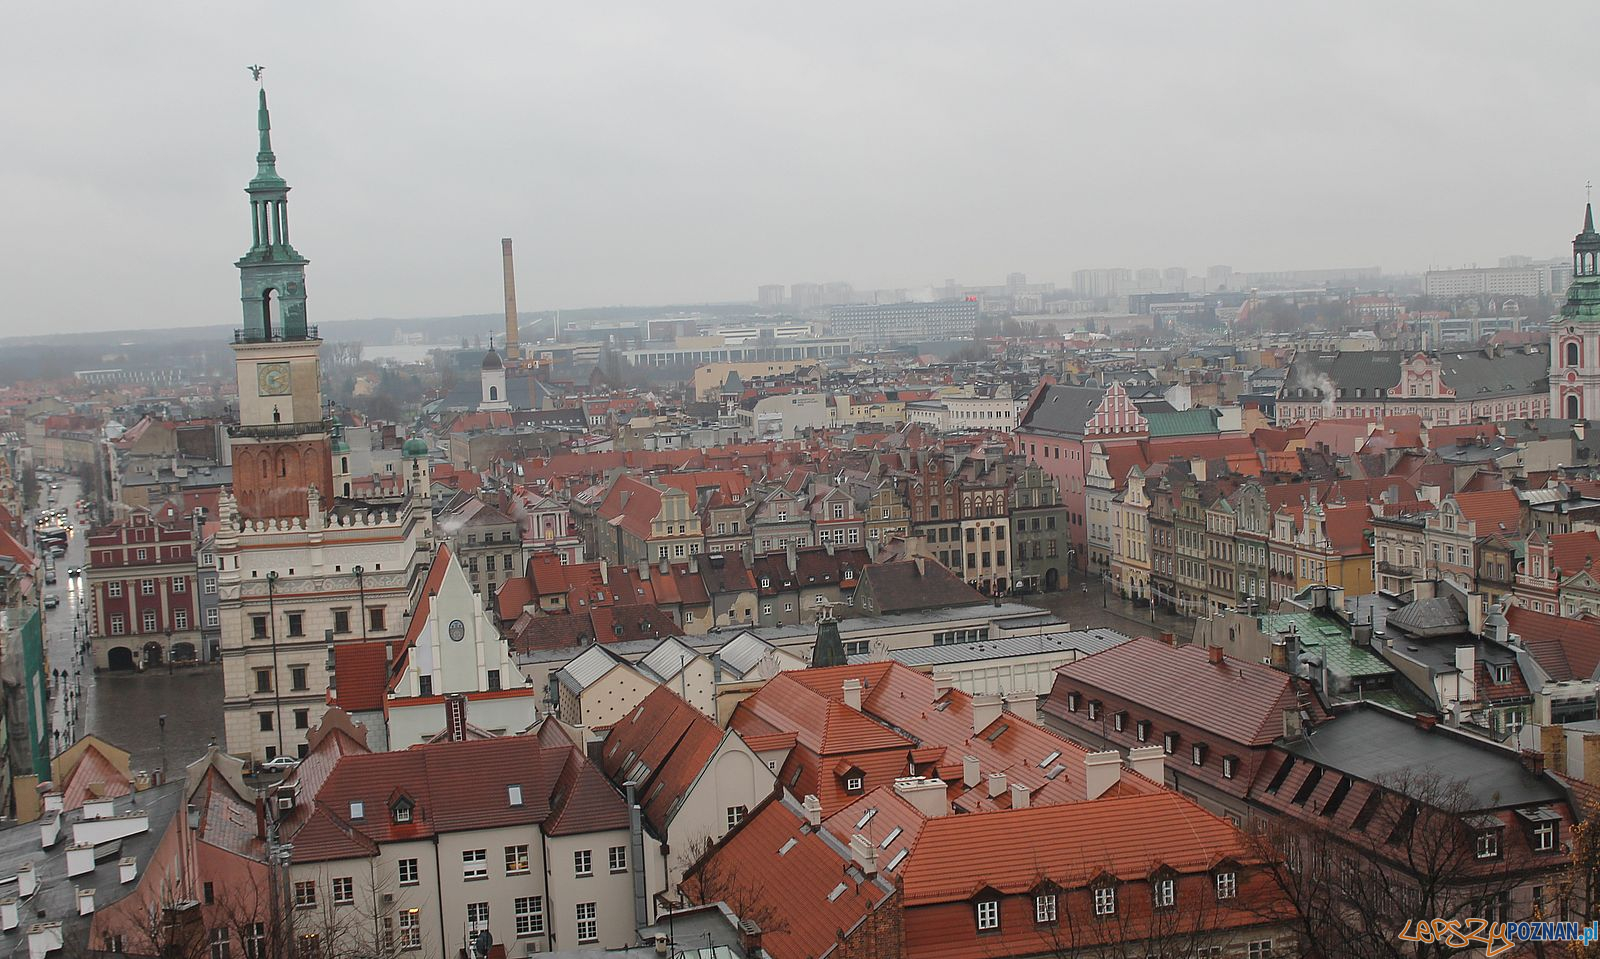 Poznań z lotu ptaka - Stary Rynek [widok z zamku na Wzgórzu Przemysła]  Foto: